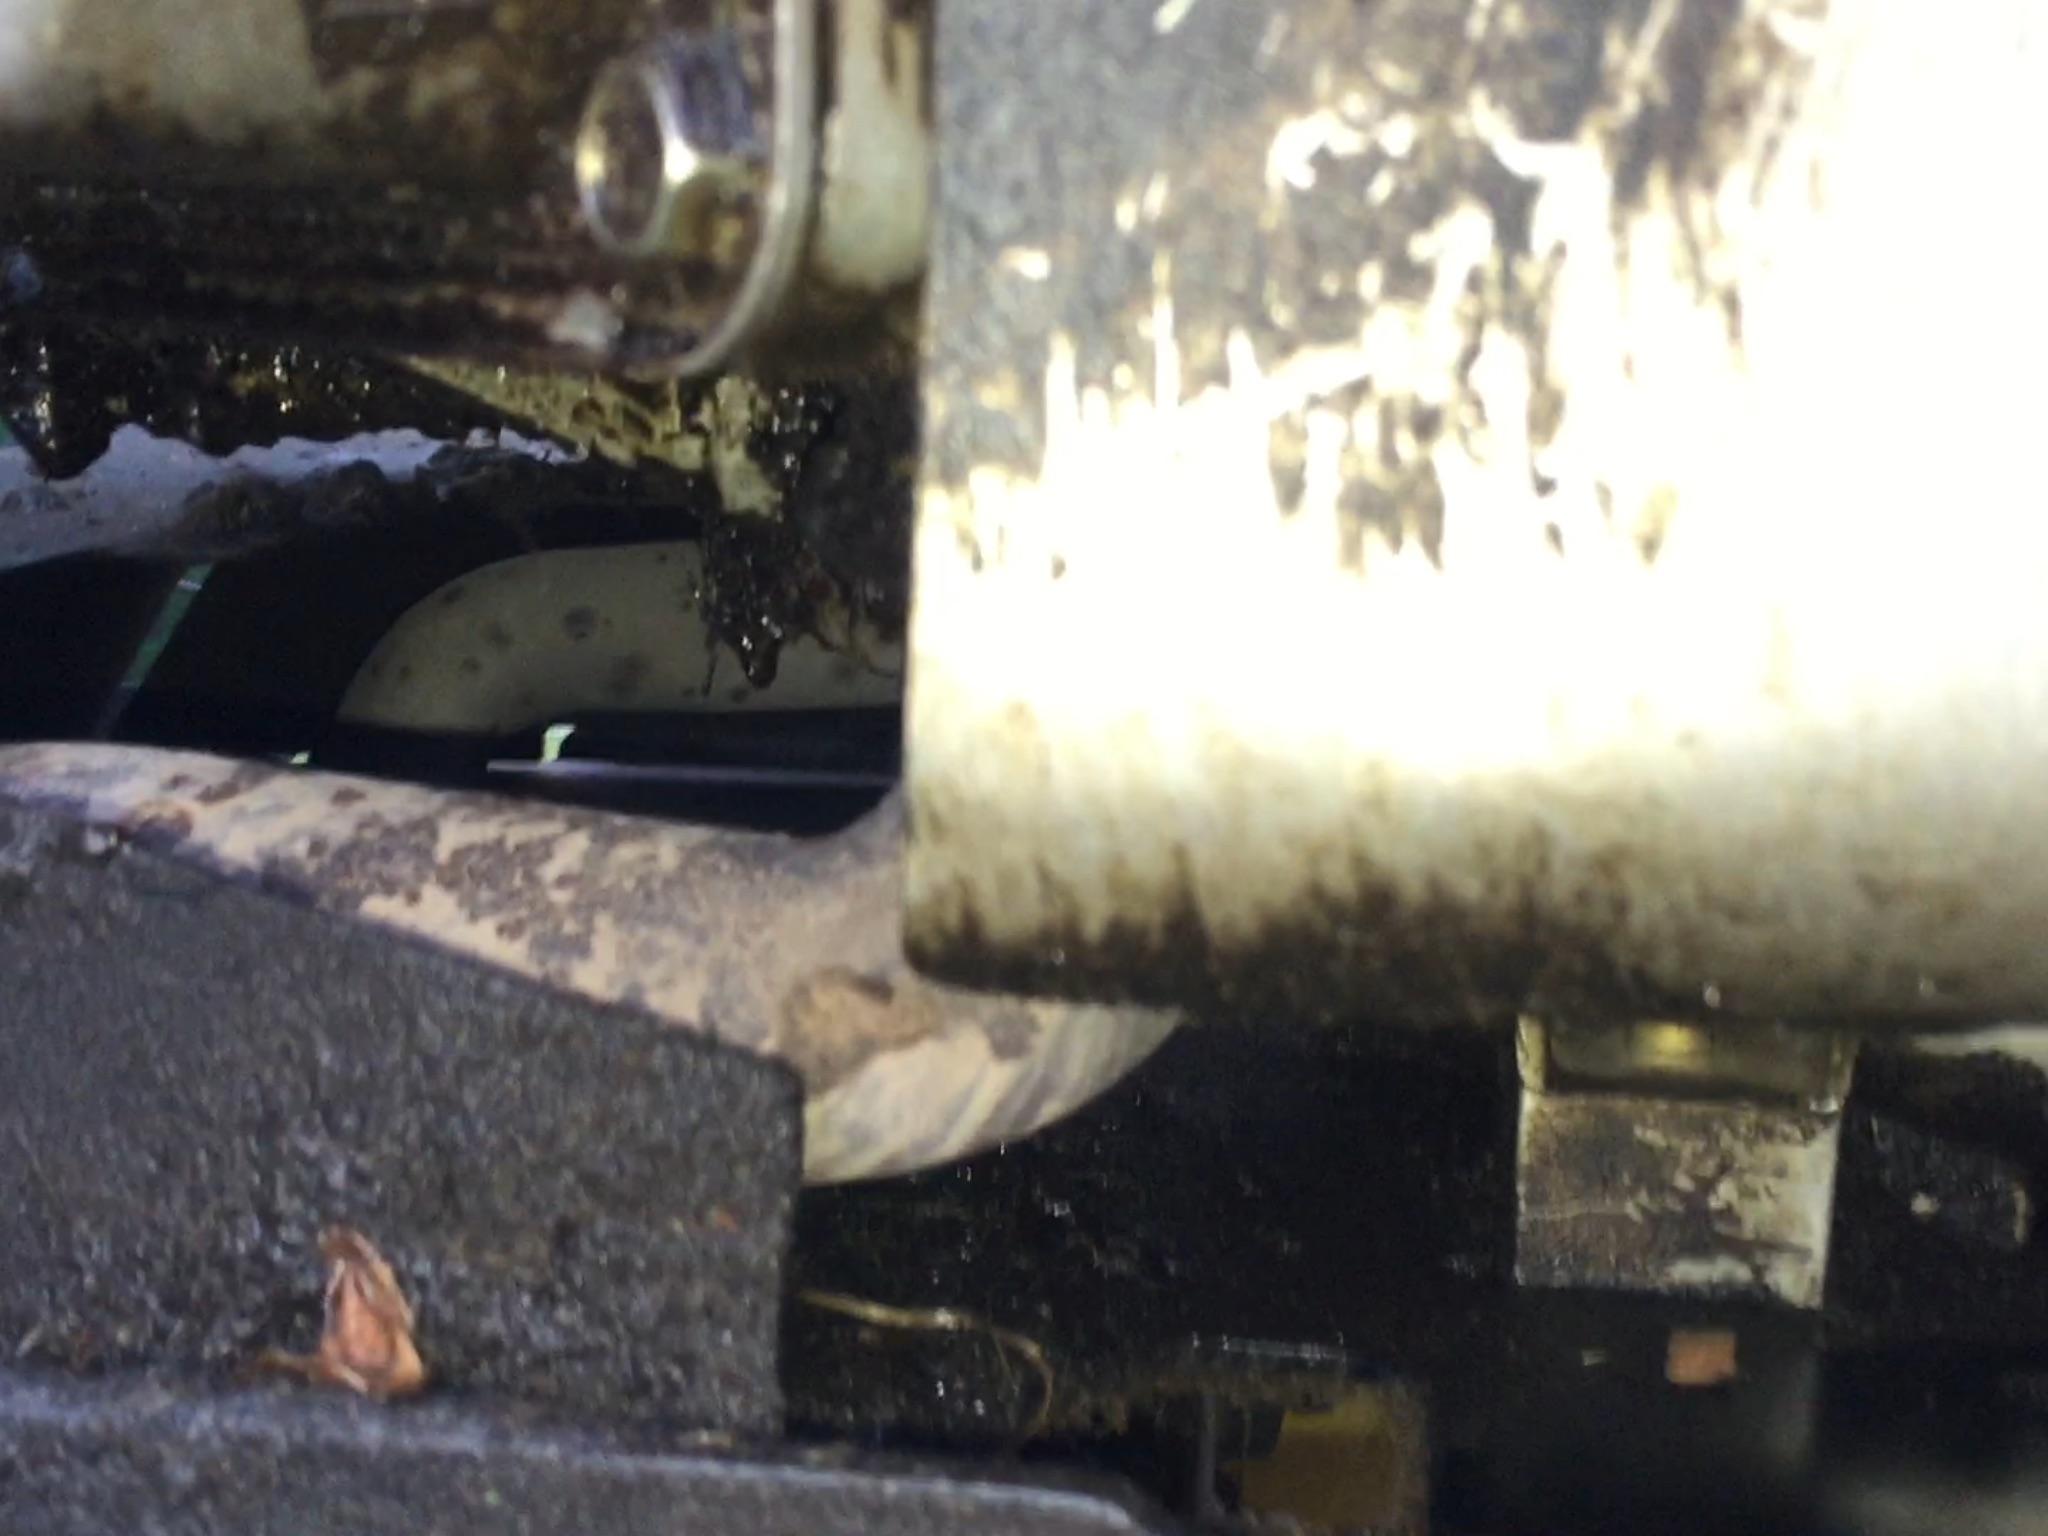 L120 Oil Leak Only when running?